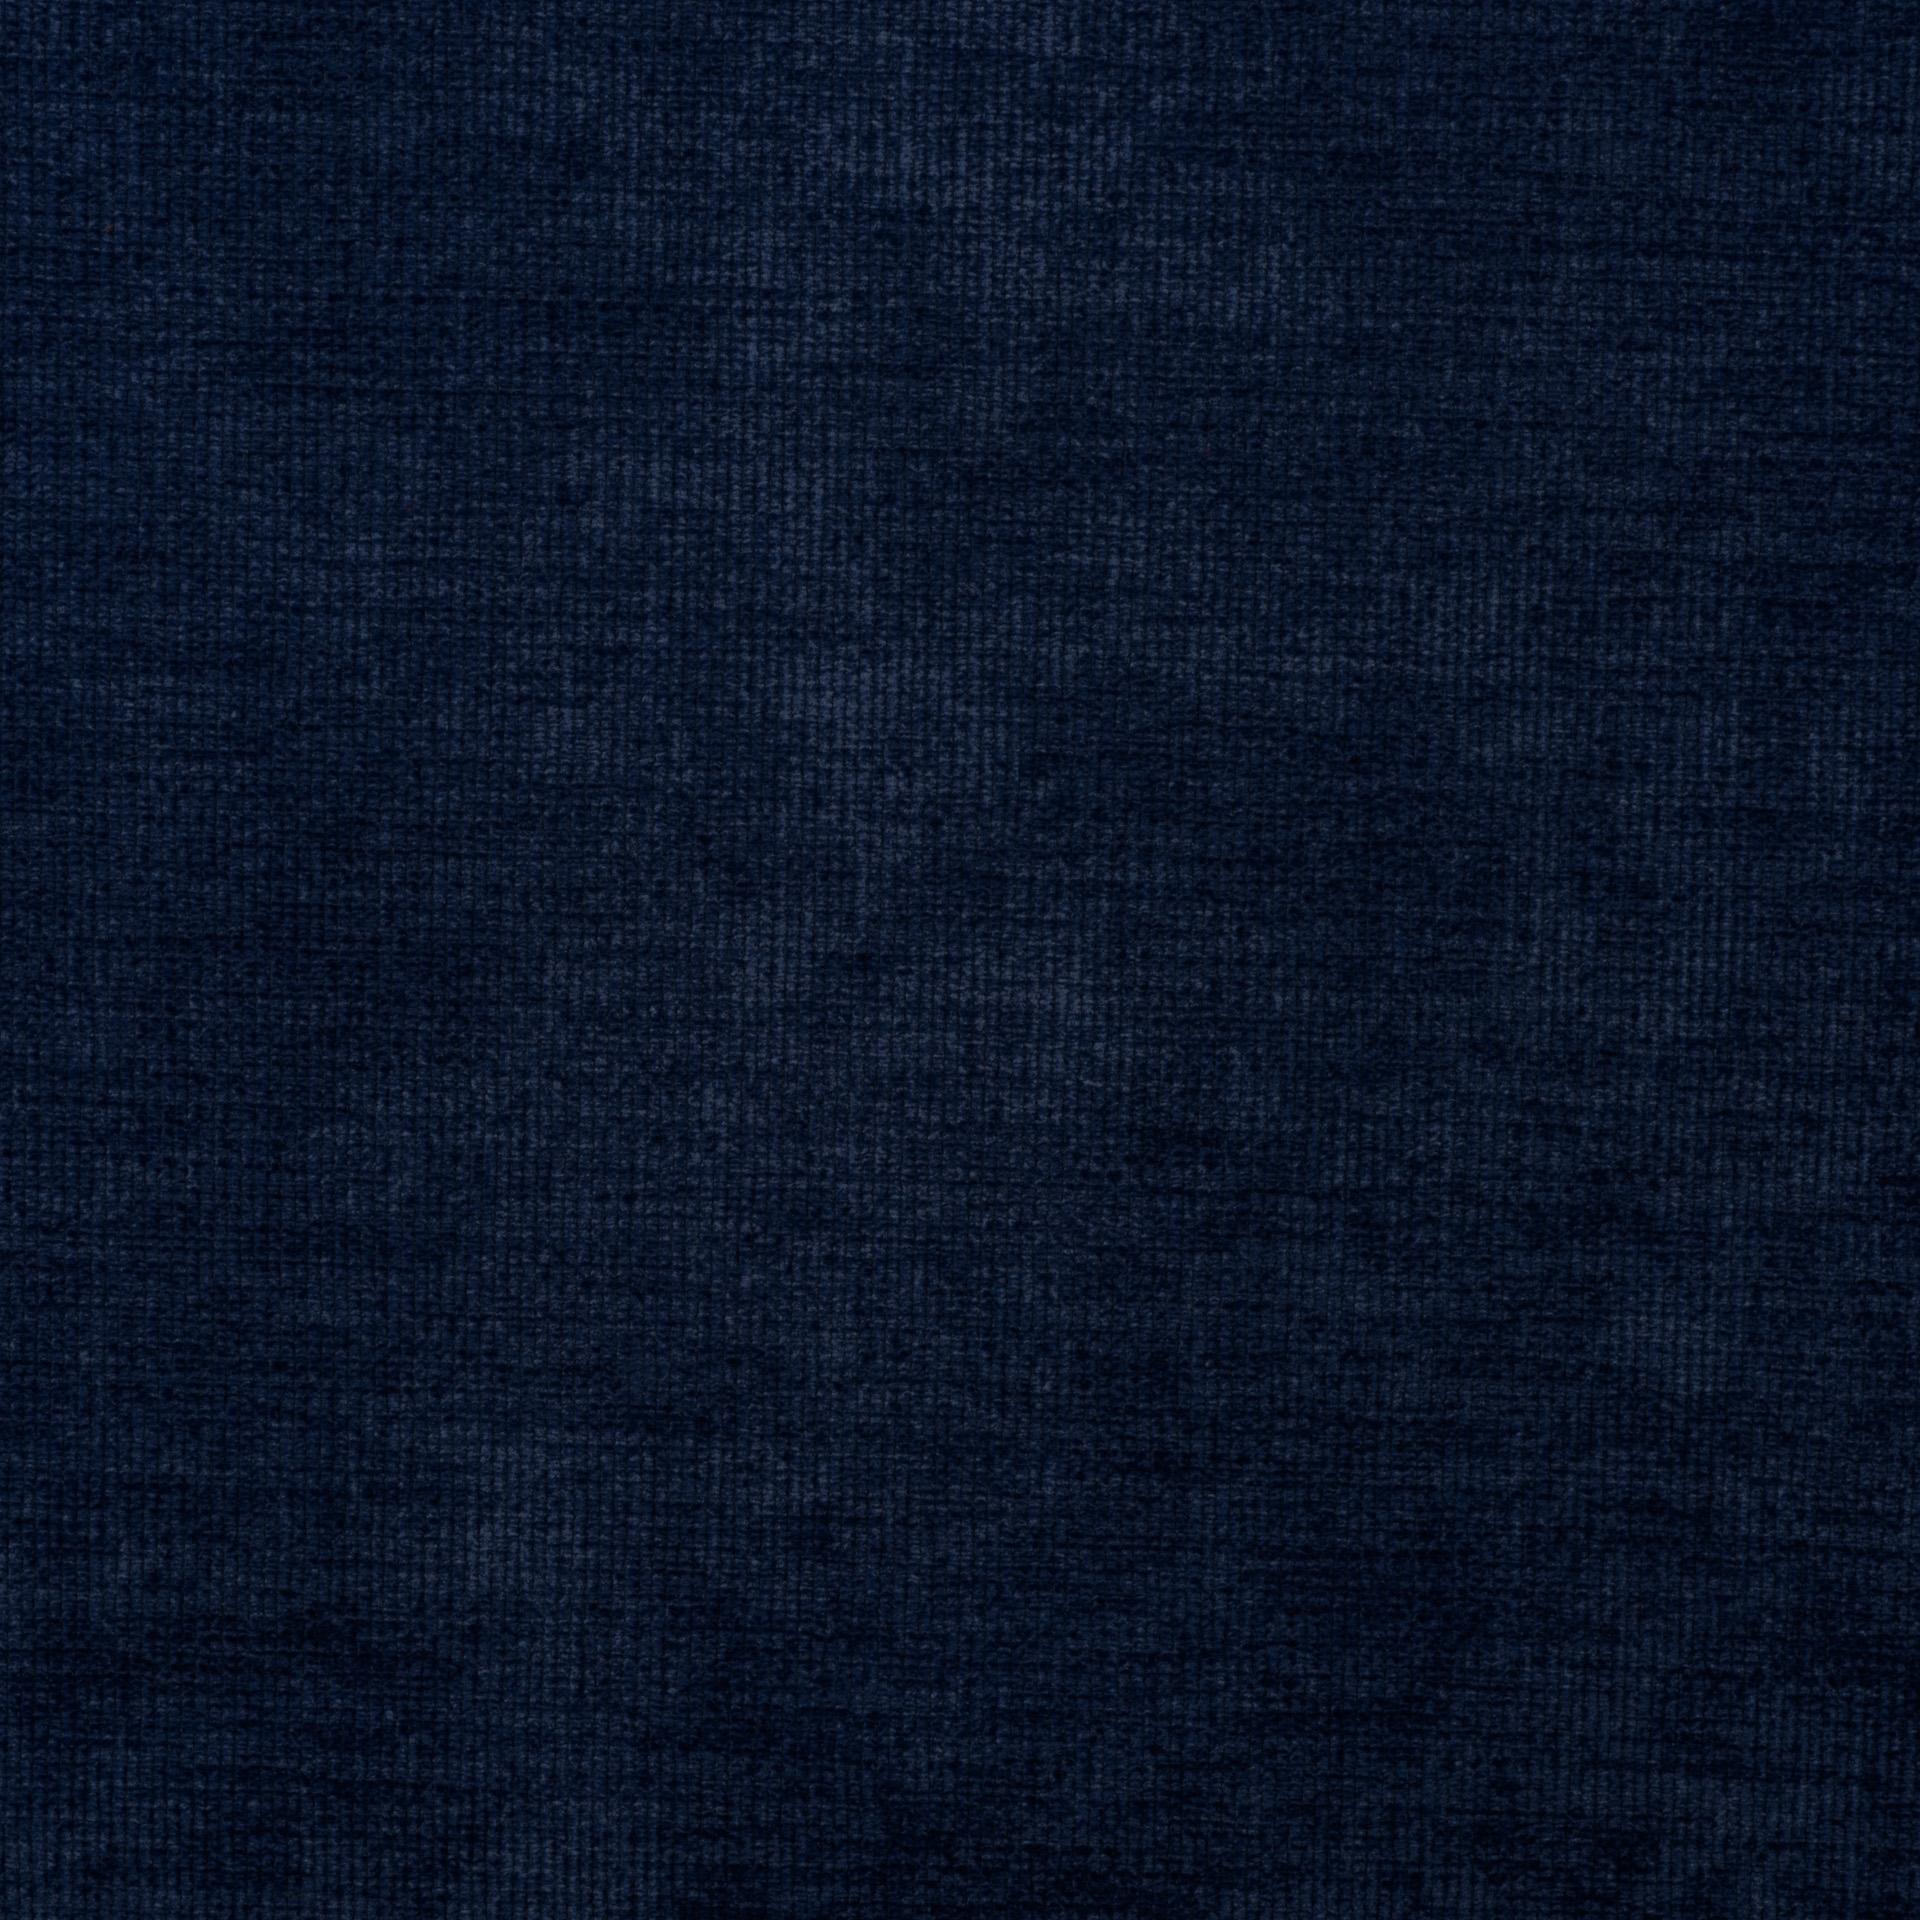 Коллекция ткани Кордрой 333,  купить ткань Велюр для мебели Украина